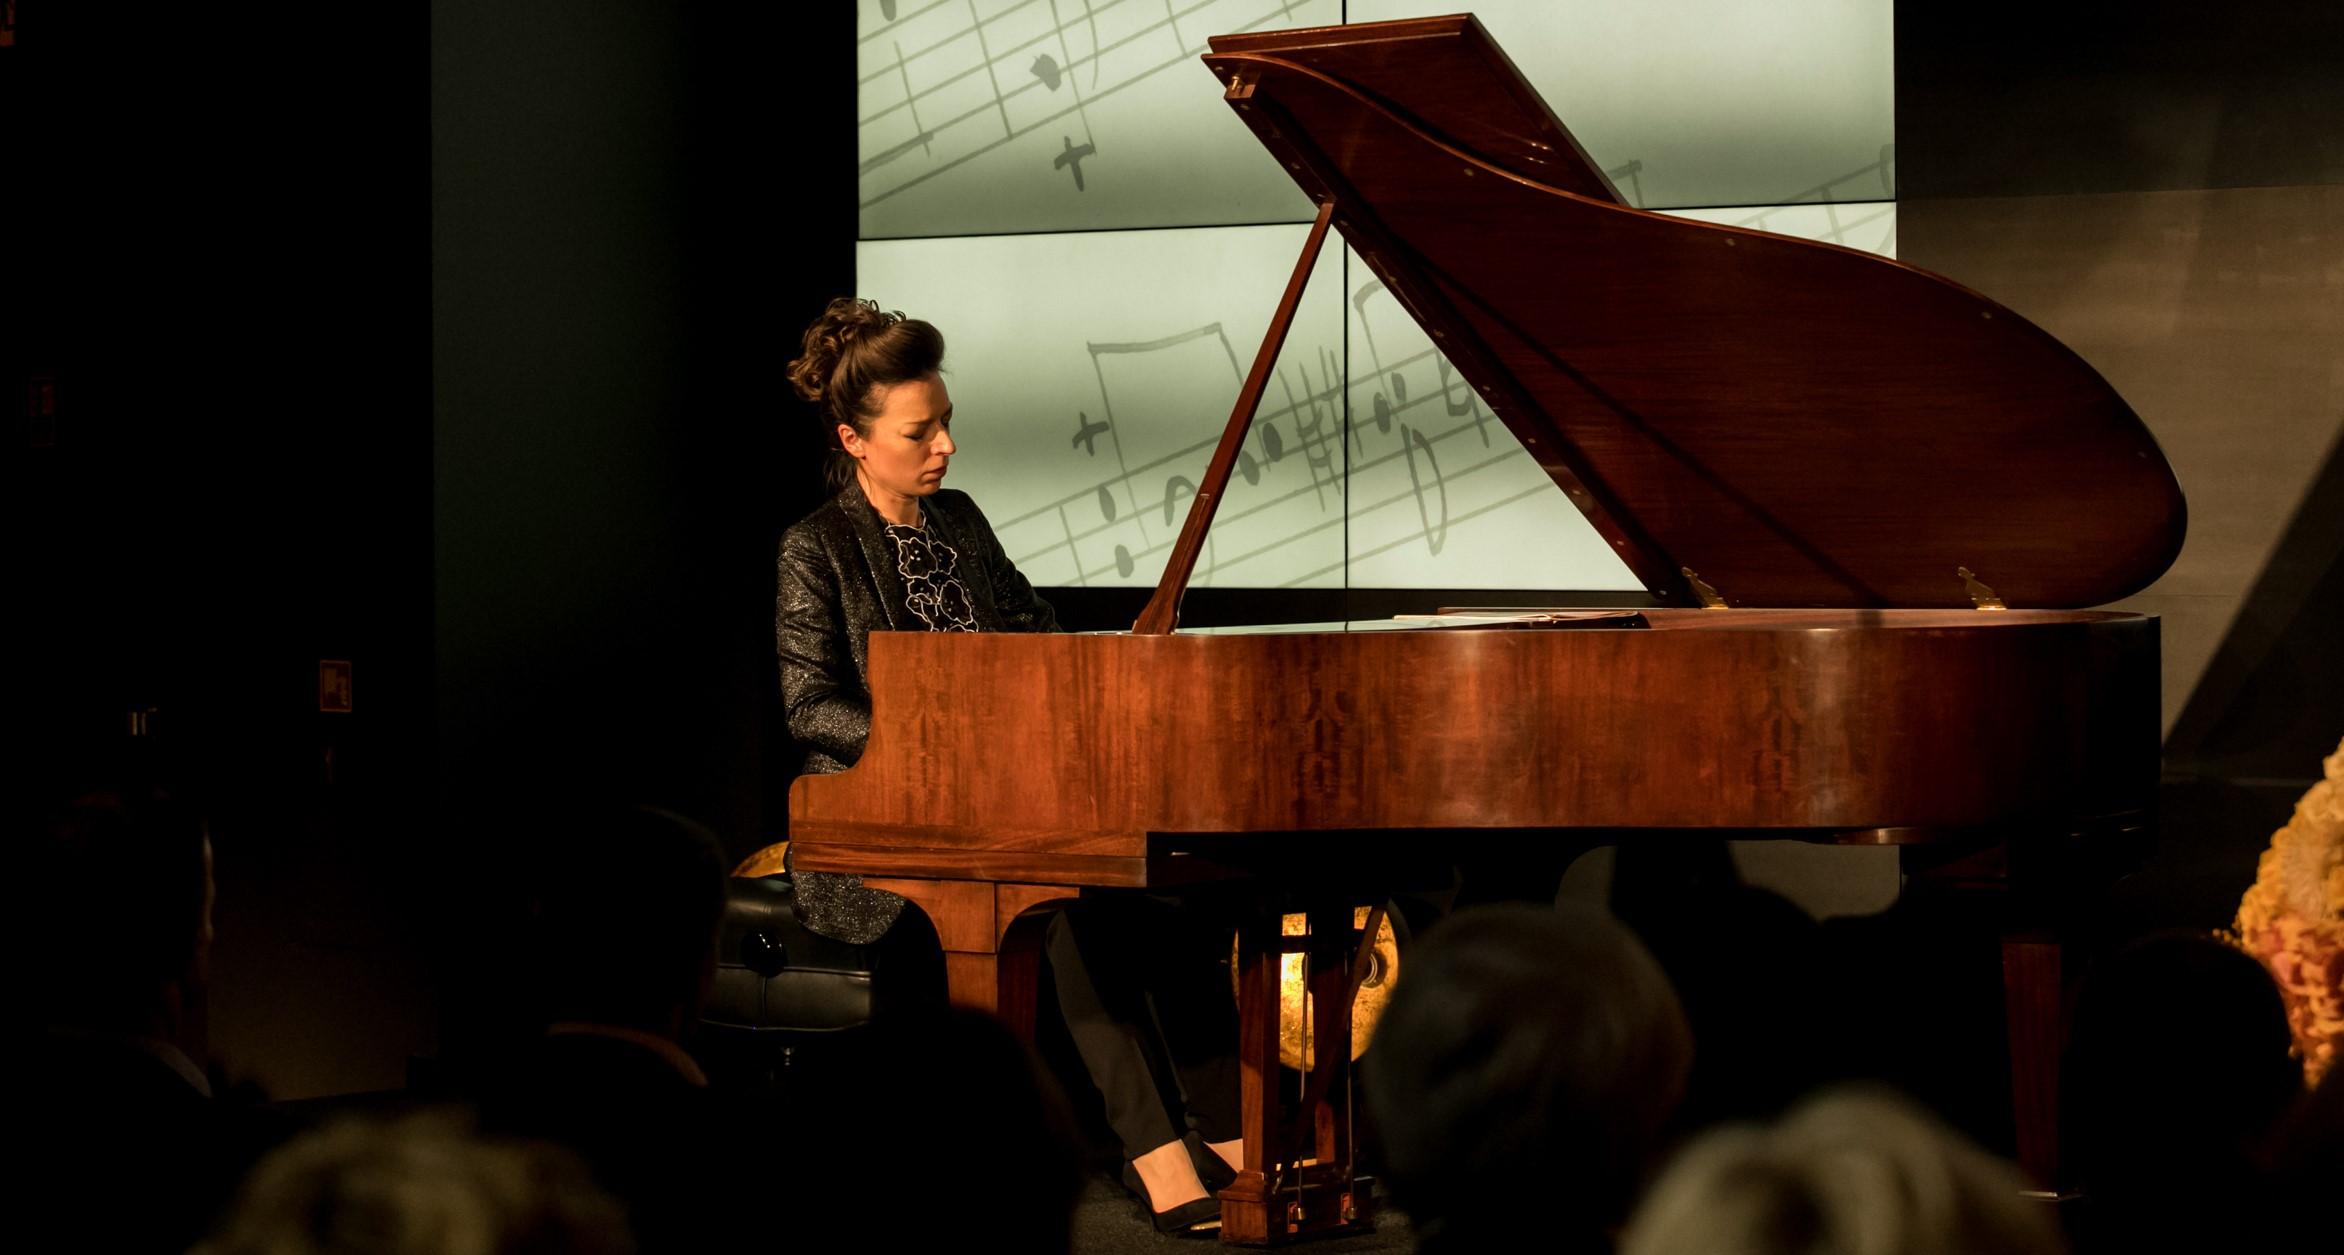 Yulianna Avdeeva, Recital utworów Władysława Szpilmana w DESA Unicum